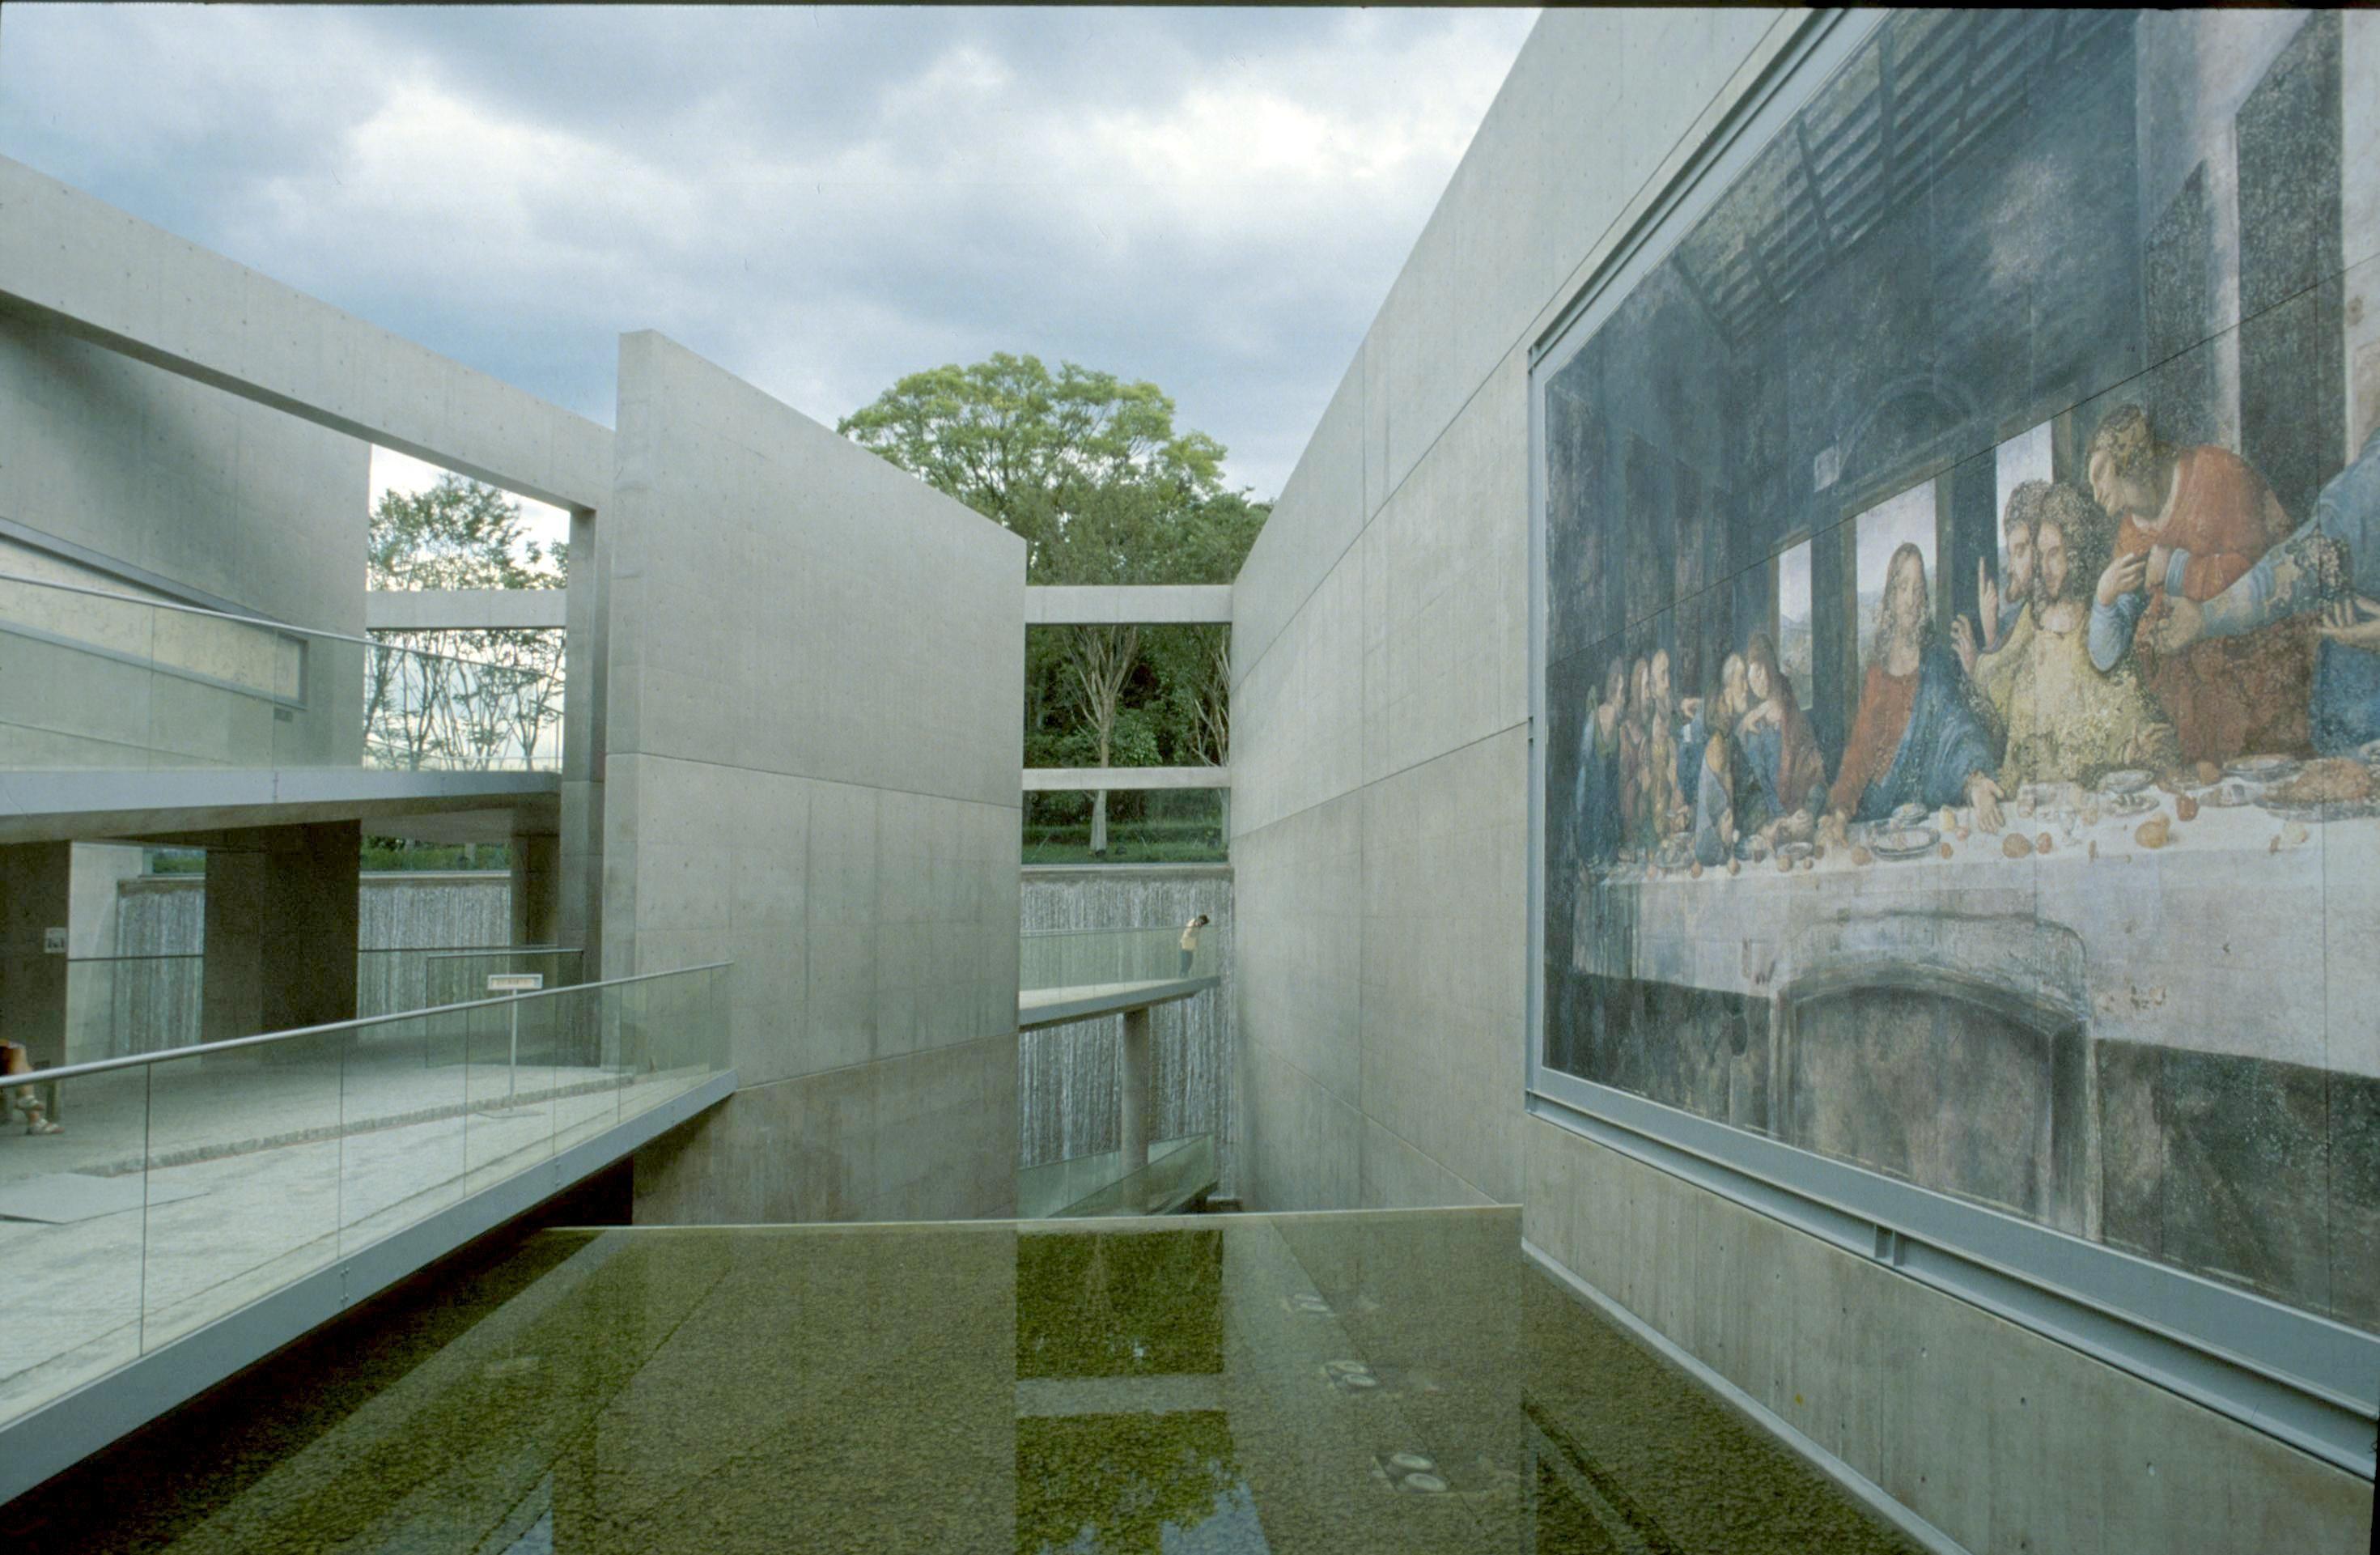 Garden Of Fine Arts   Kyoto, Japan / 1990 / Tadao Ando